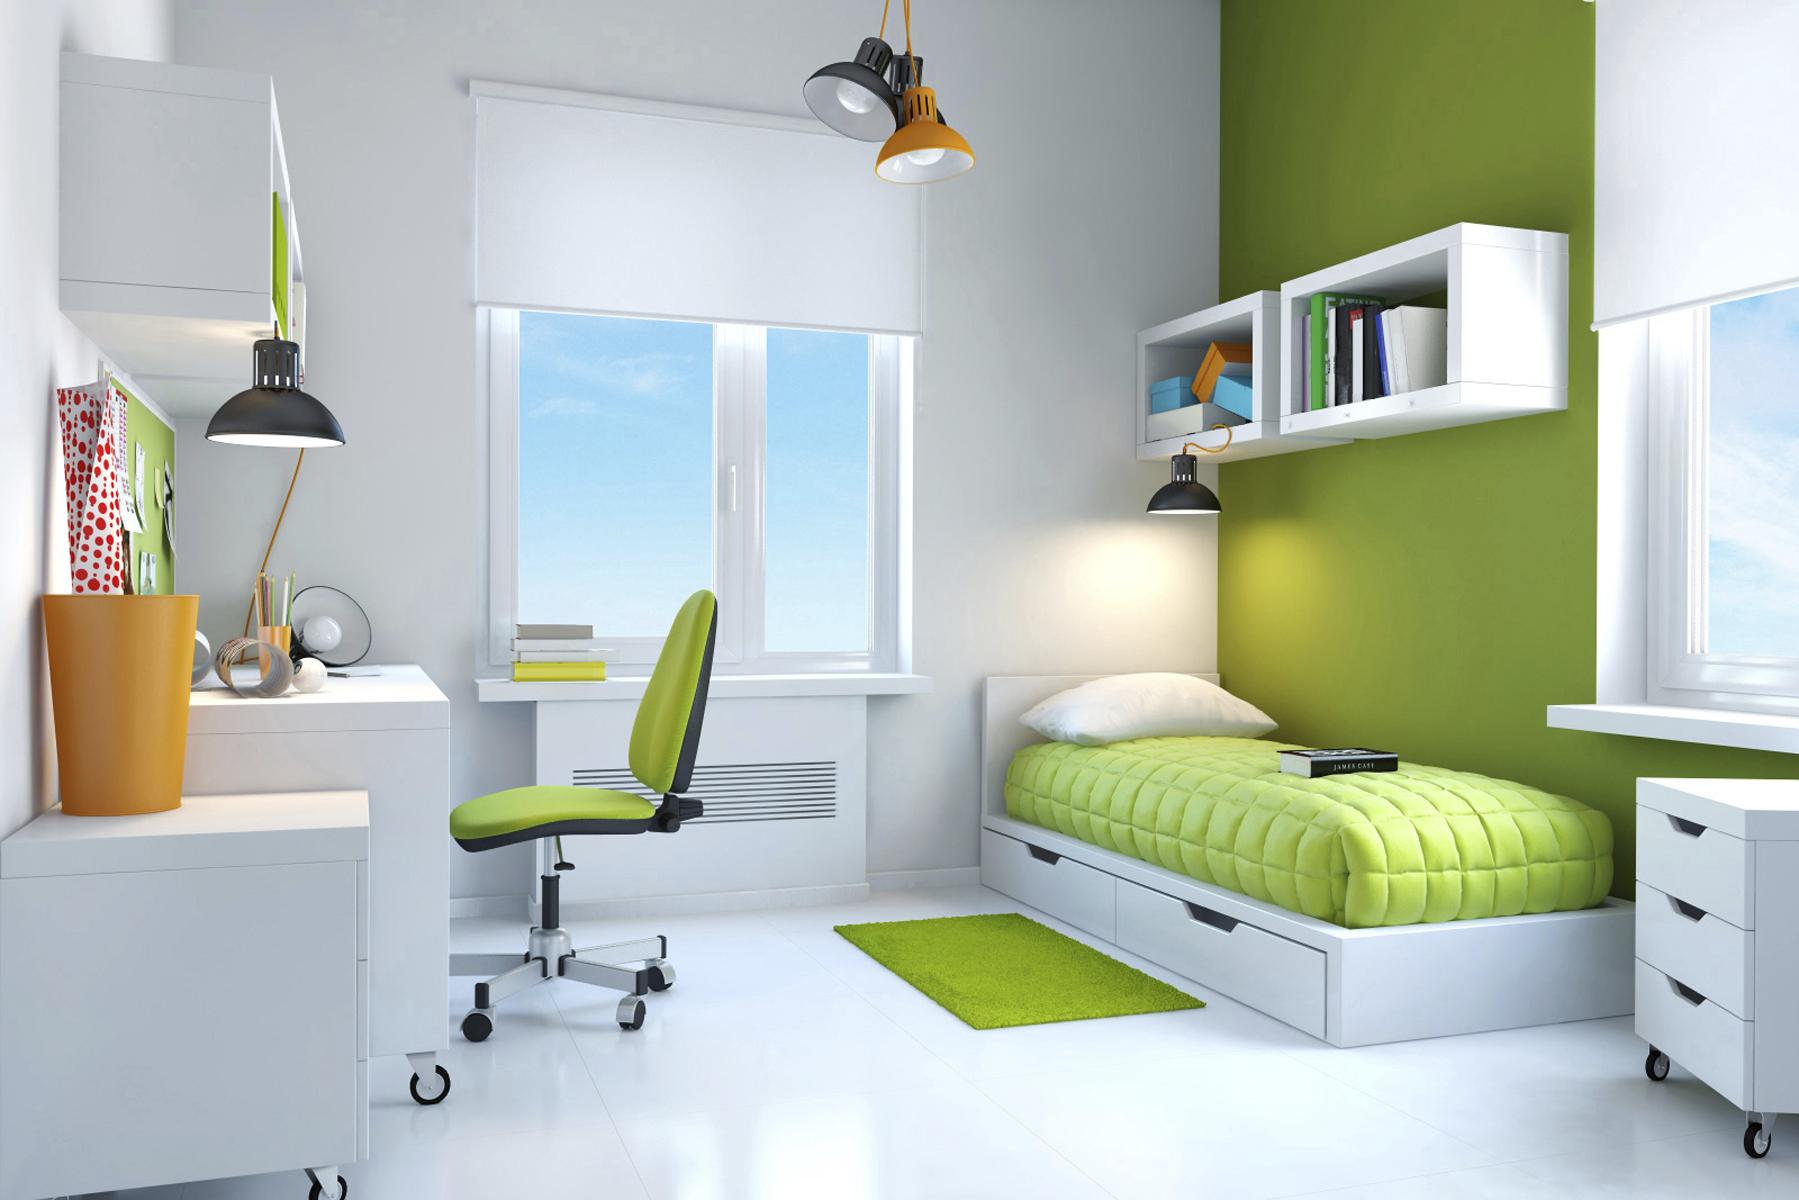 Çocuk odası ne renk olmalı